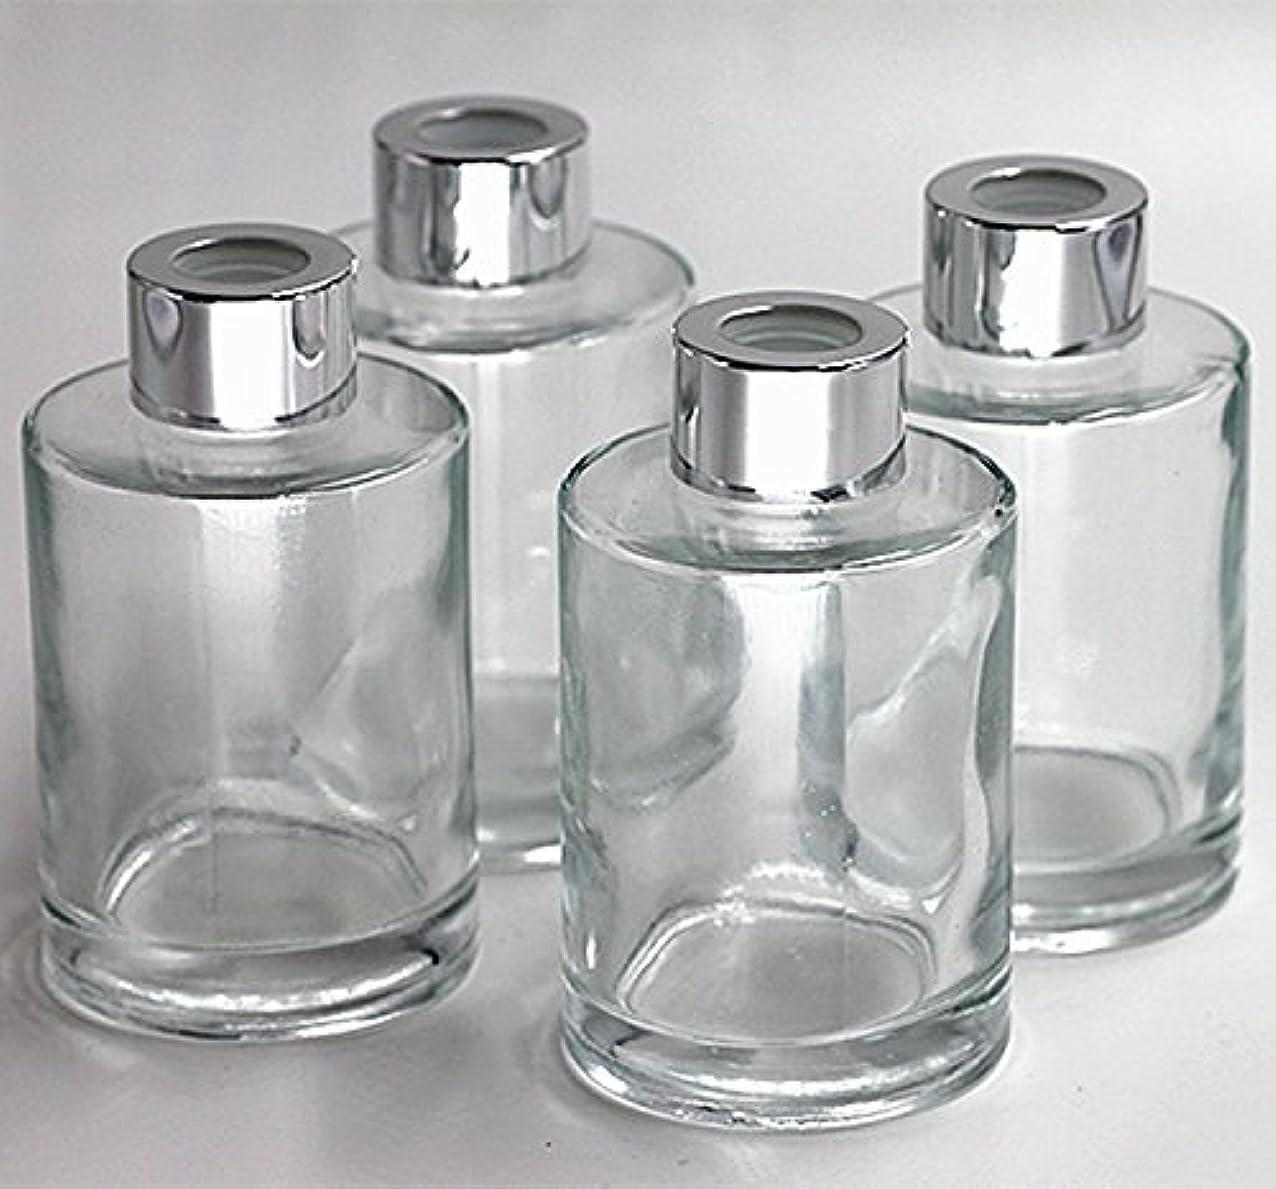 買う定規アレルギー性Feel Fragrance リードディフューザー用 リードディフューザーボトル 容器 透明 蓋付き 4本セット120ML円形 (GB-120)